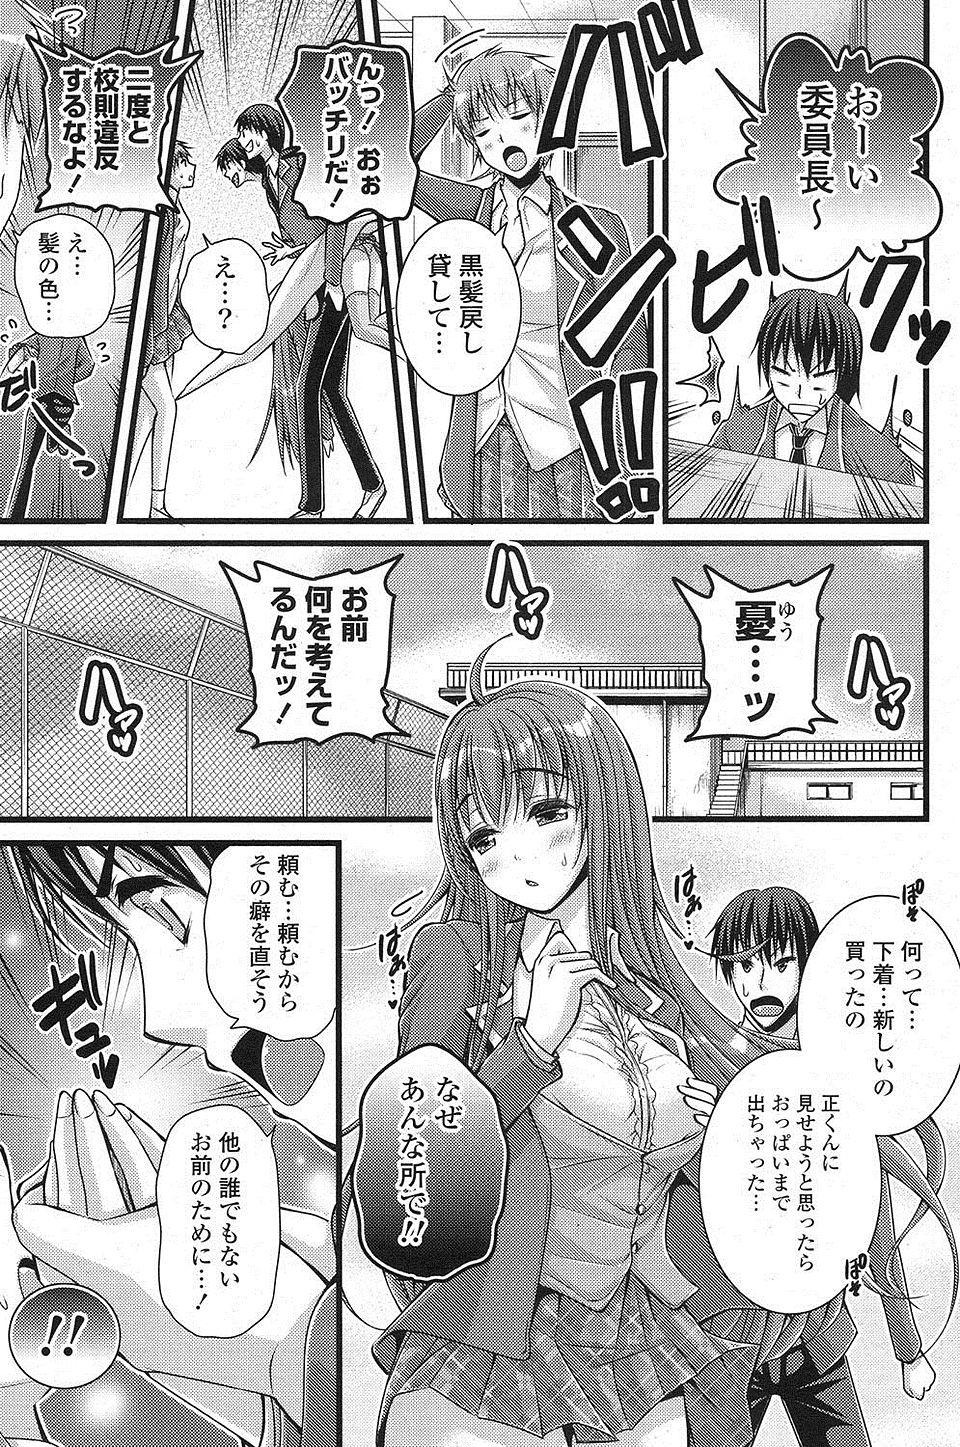 【エロ漫画・エロ同人誌】巨乳女子校生の彼女が露出狂で困ってますwww (3)